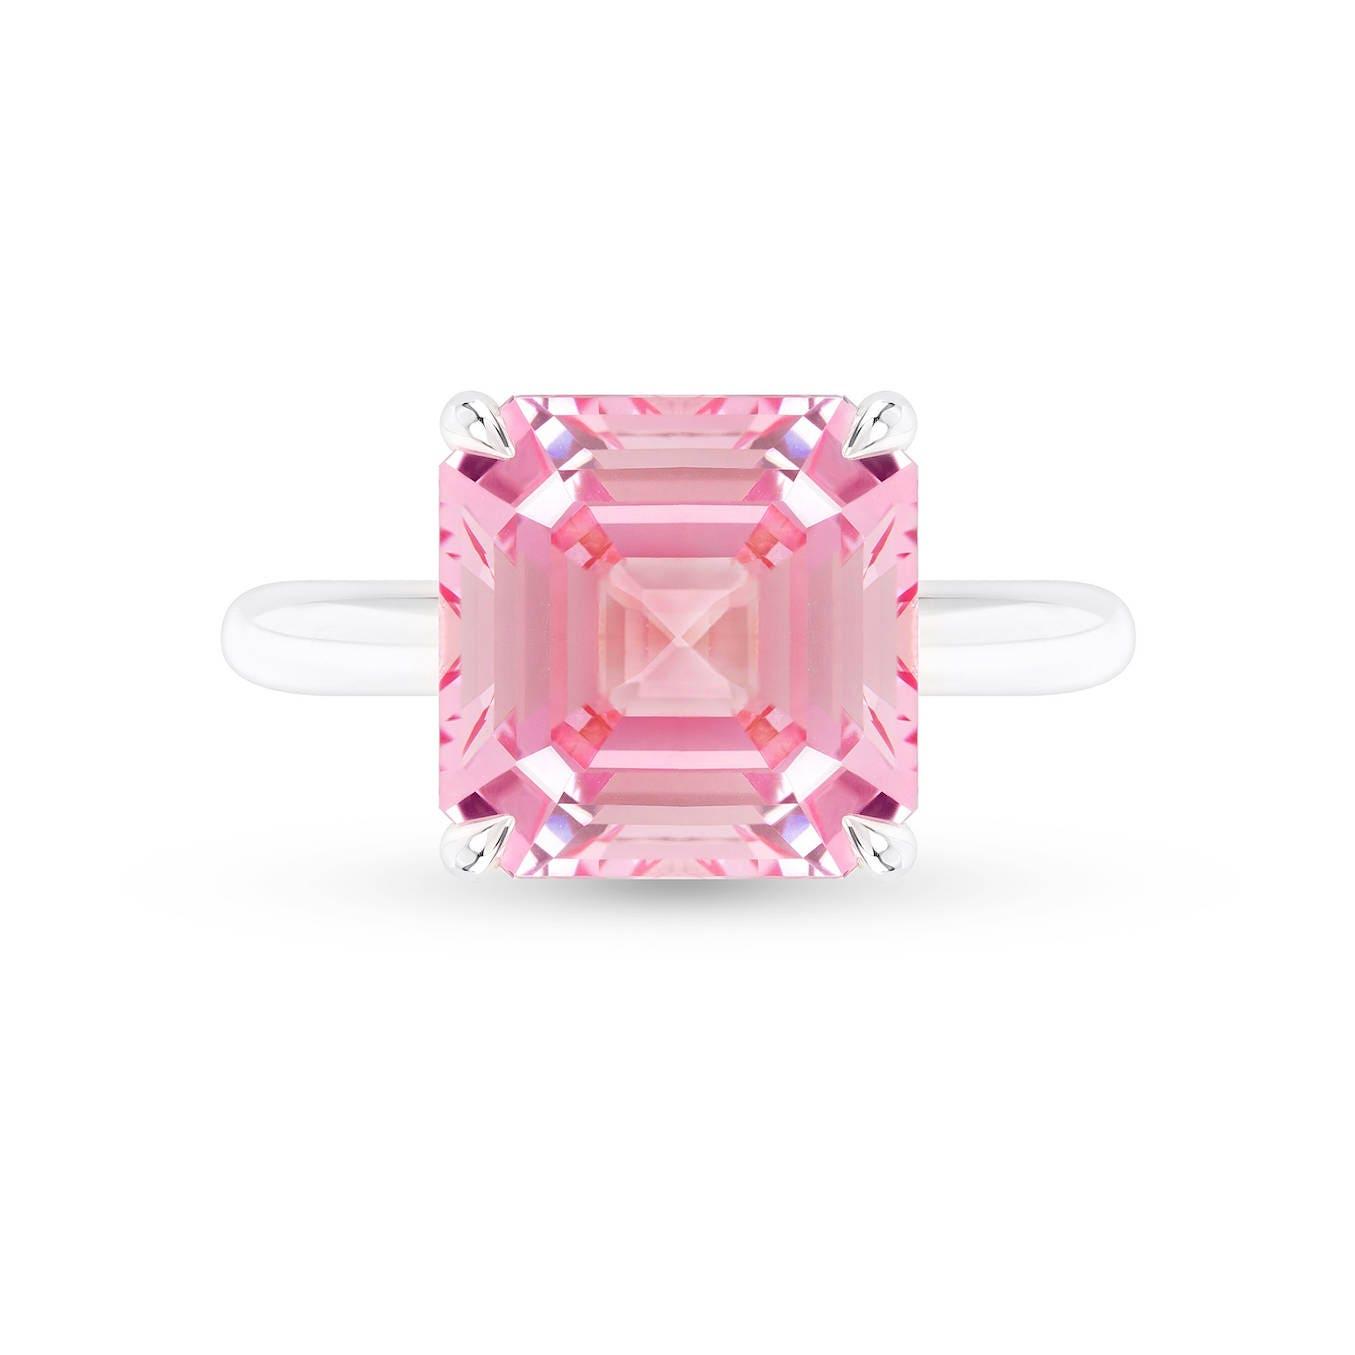 Asscher Cut Pink Padparadscha Sapphire Ring Antique Inspired